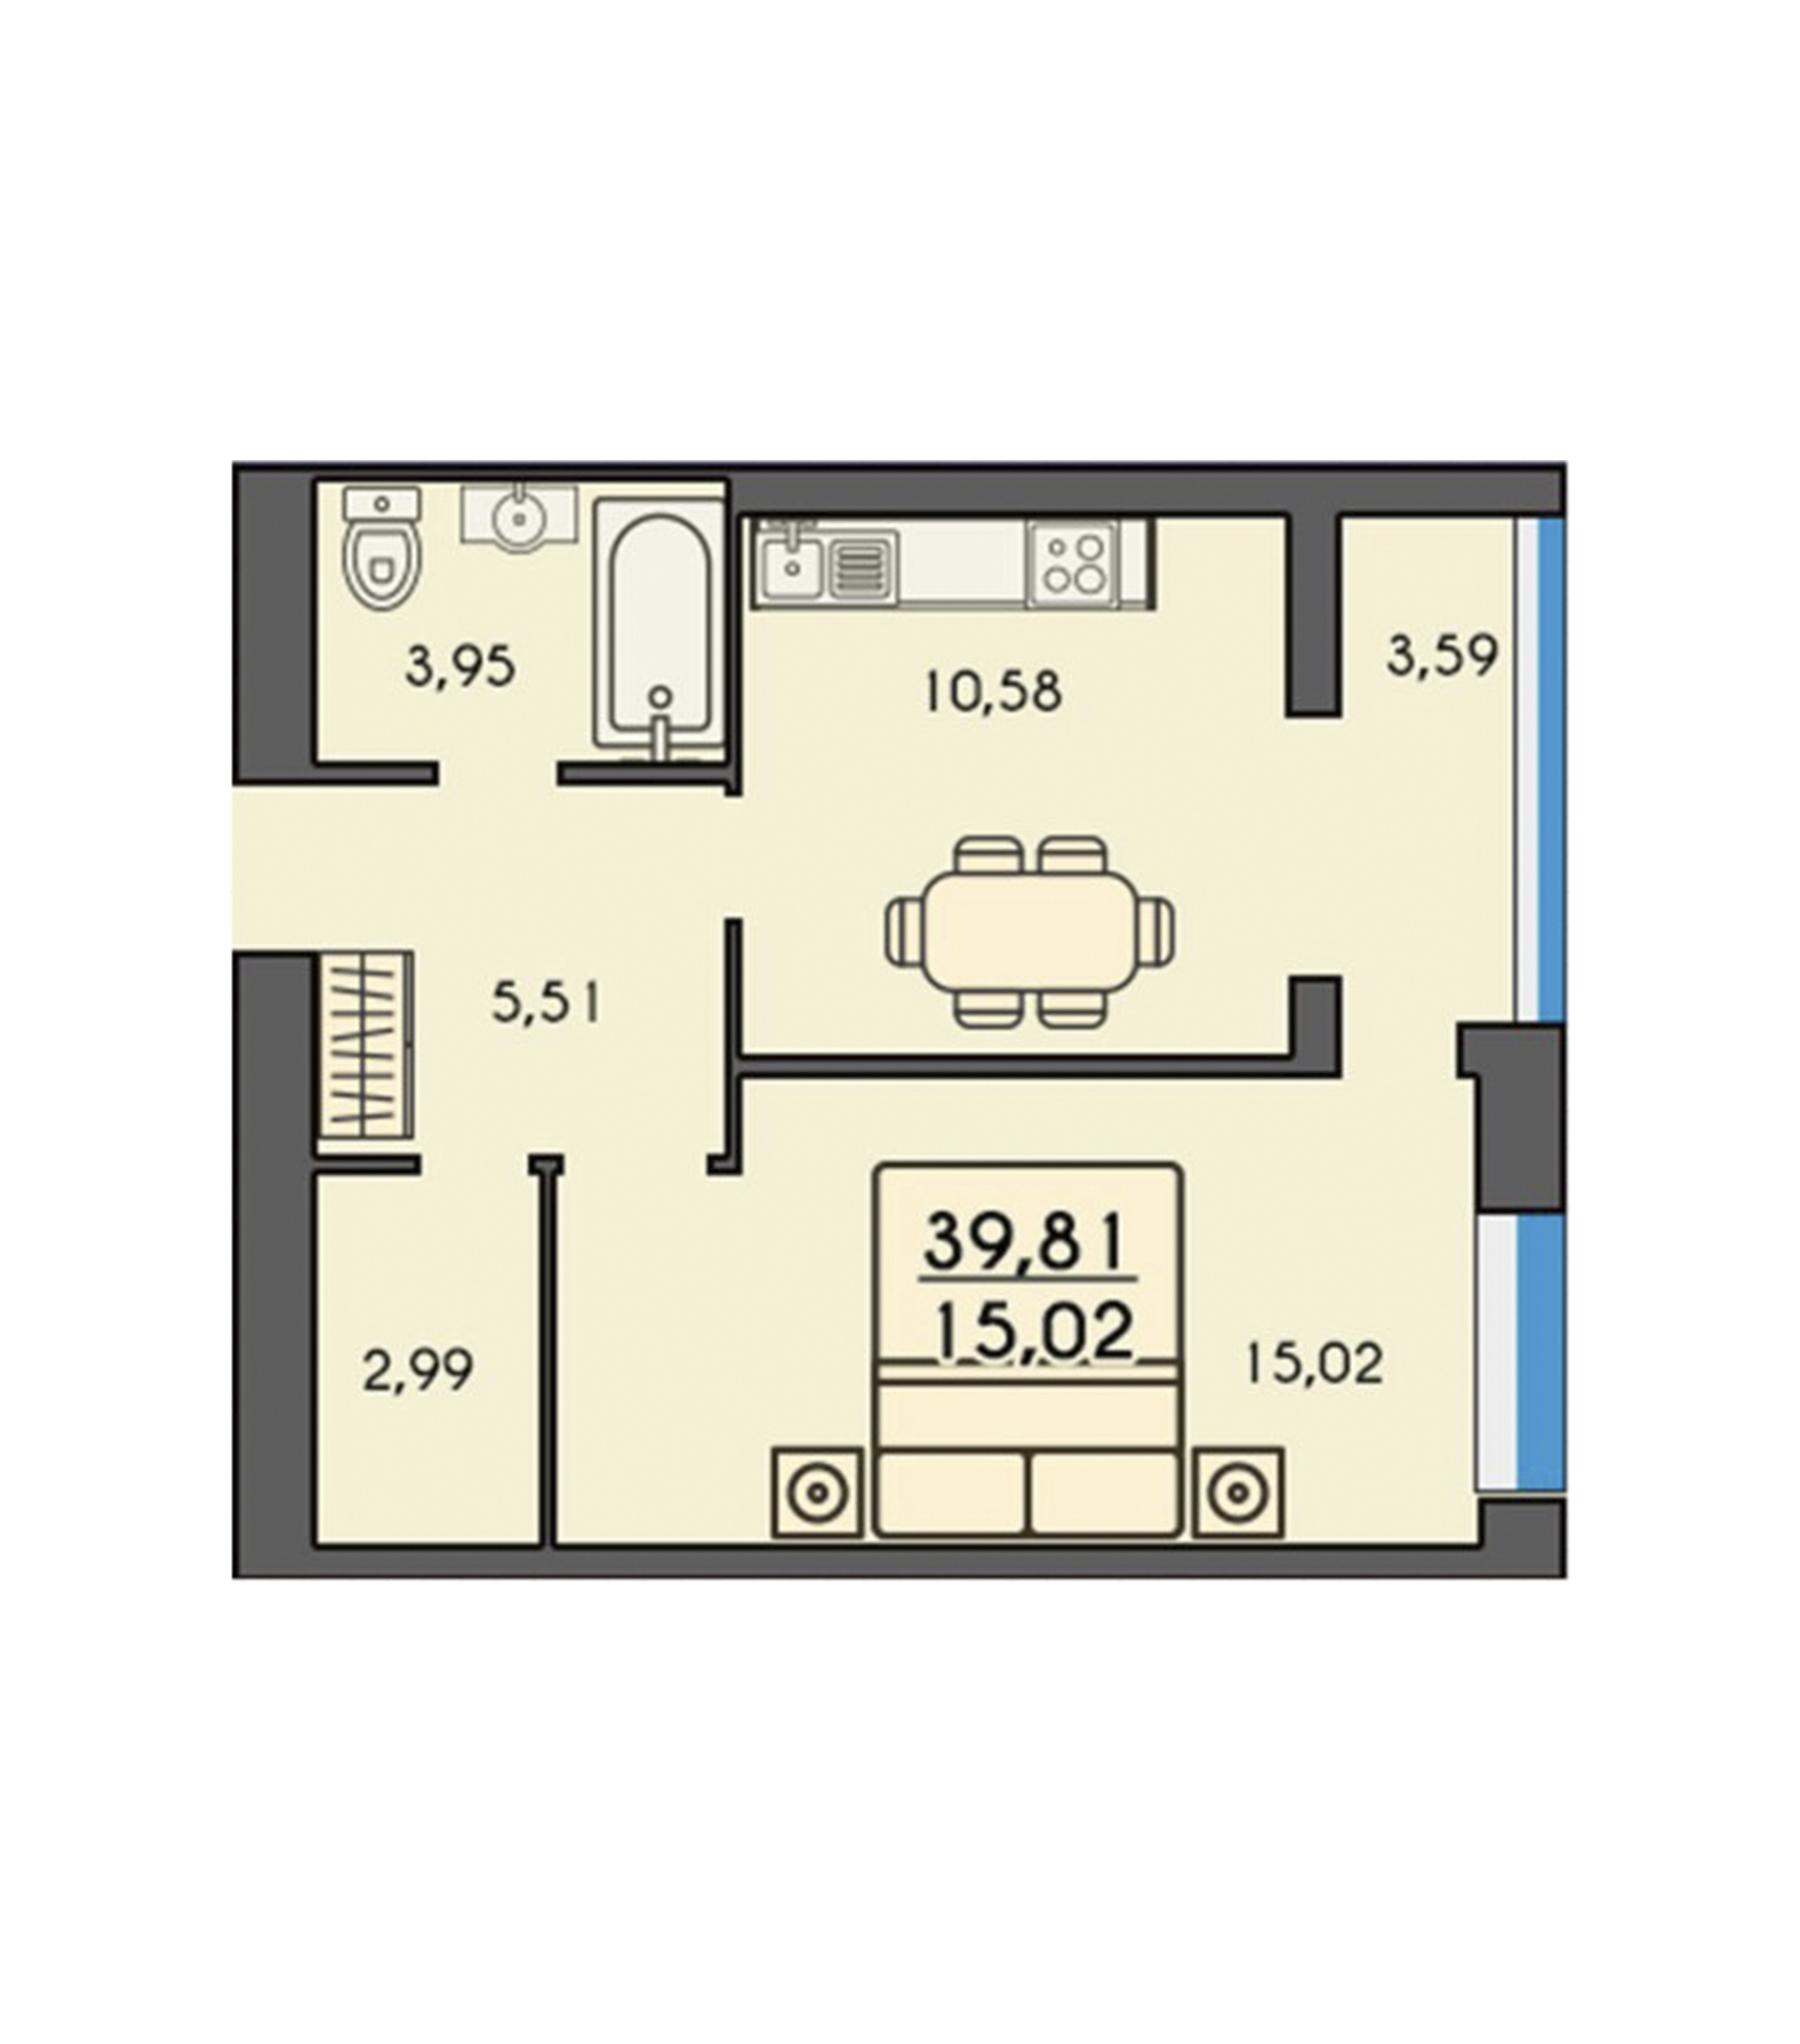 Однокімнатна квартира 39,81м2